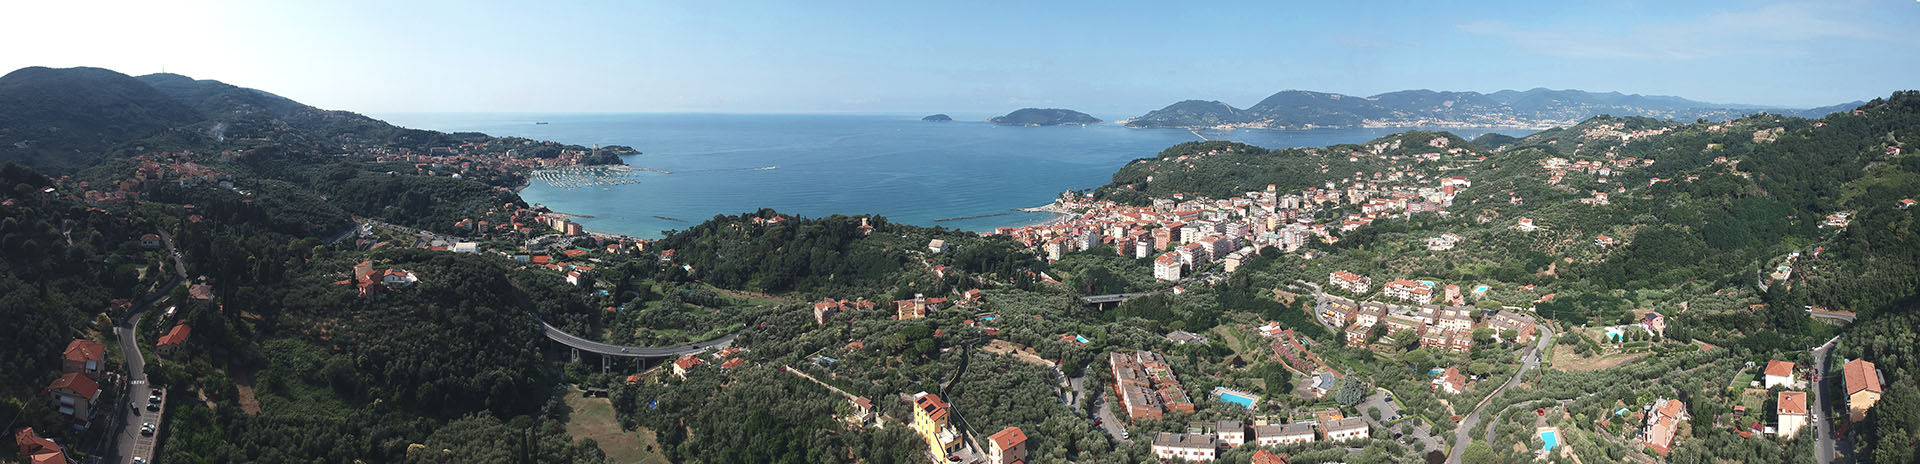 Panoramica aerea del Golfo di Lerici in Provincia di La Spezia realizzata dallo studio 3dmetrica.it